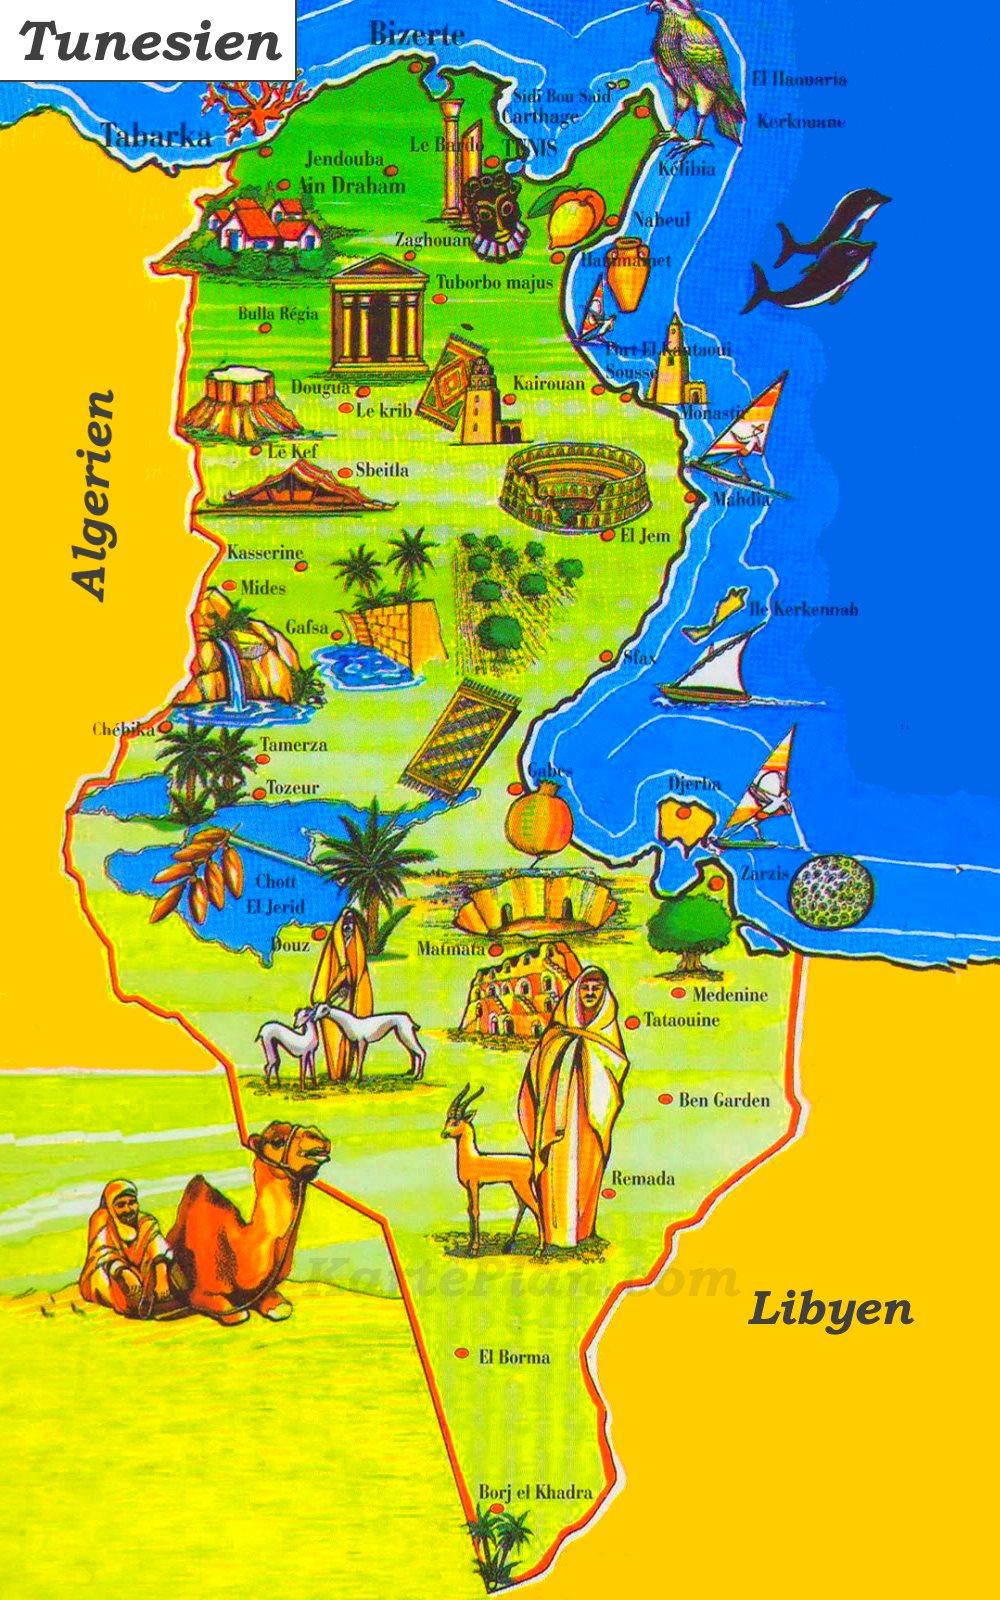 Tunesien Karte.Tunesien Touristische Karte